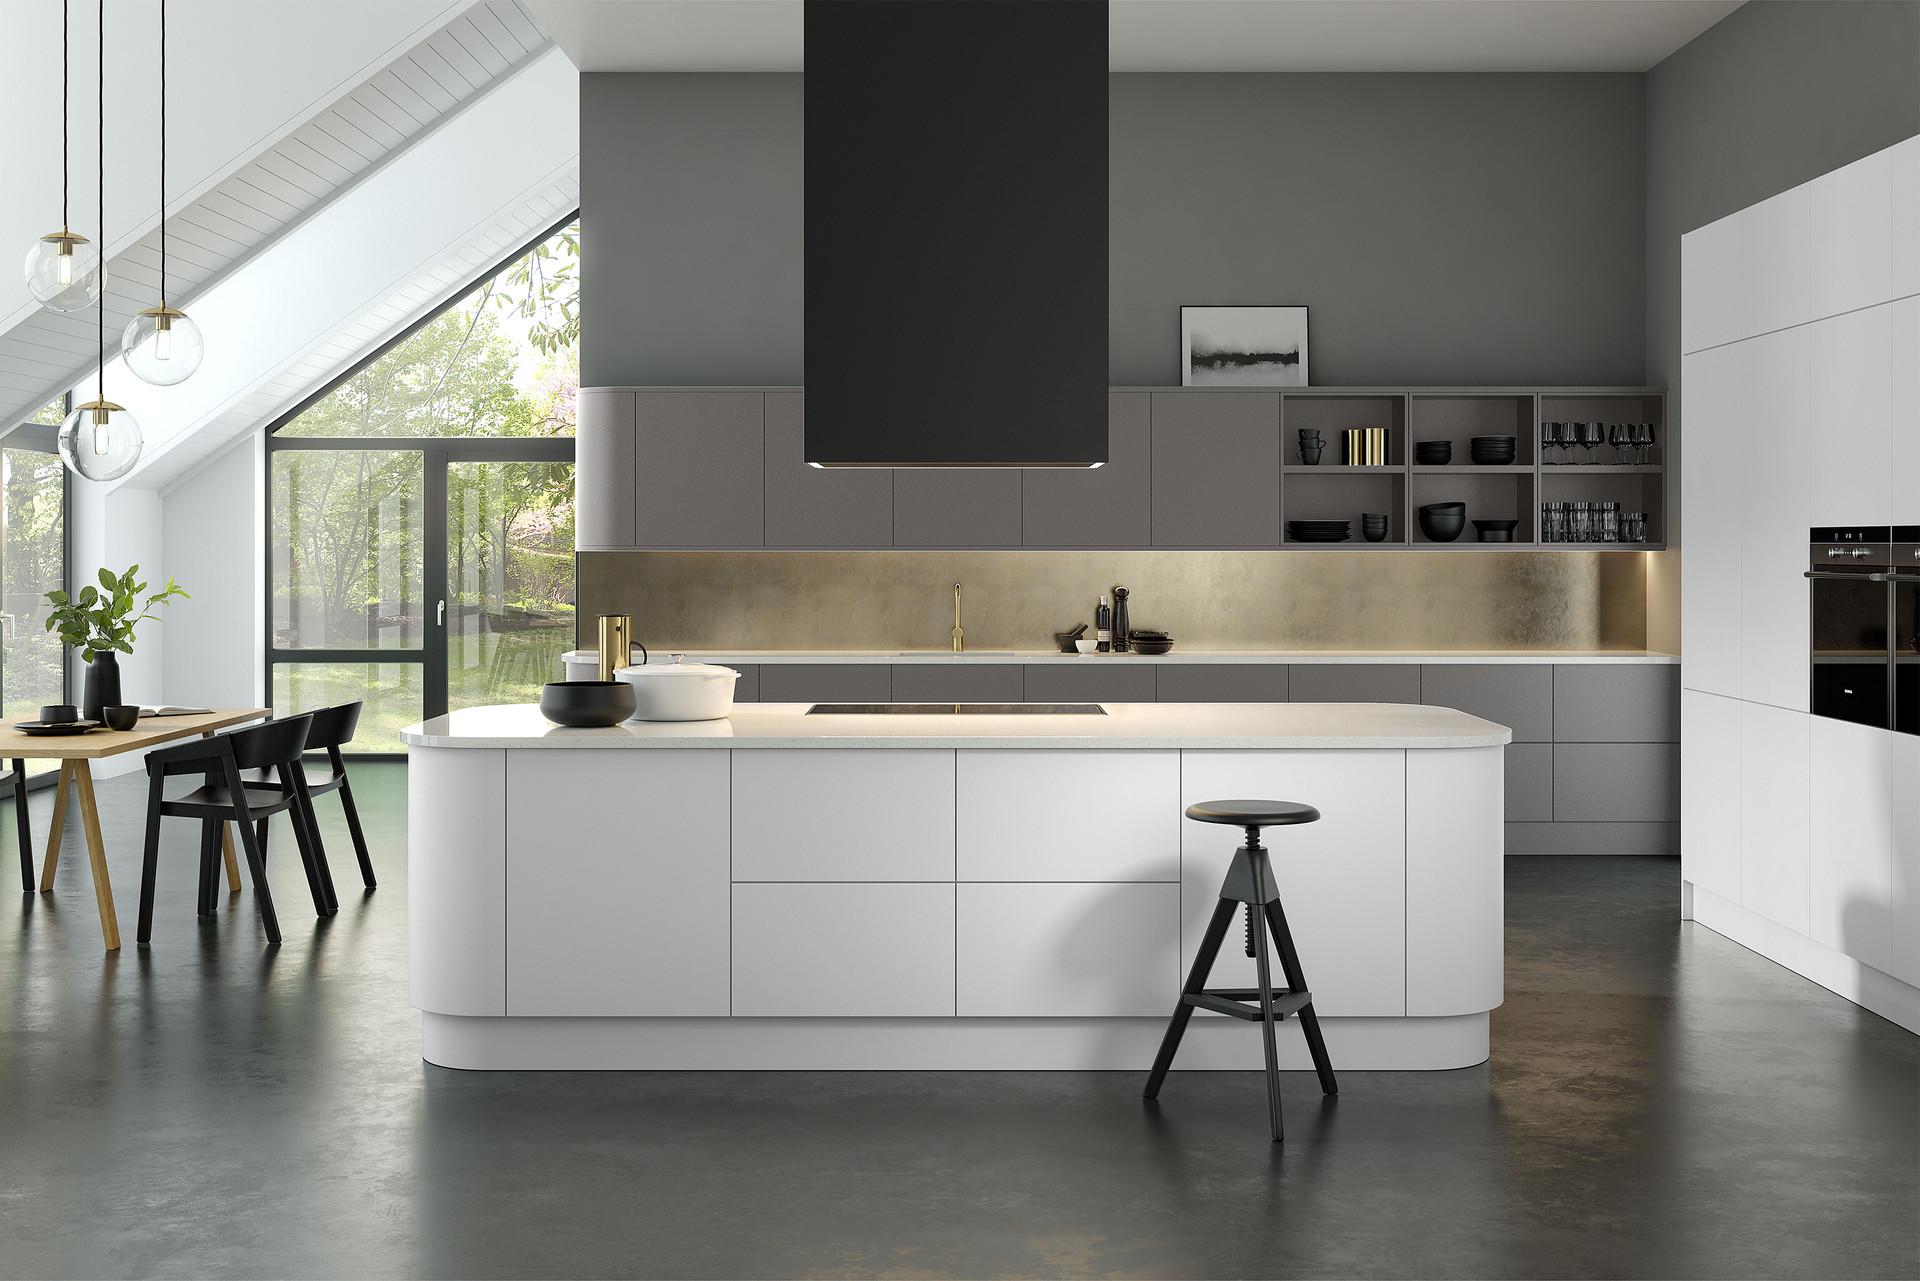 Matt White & Dark Grey Kitchen